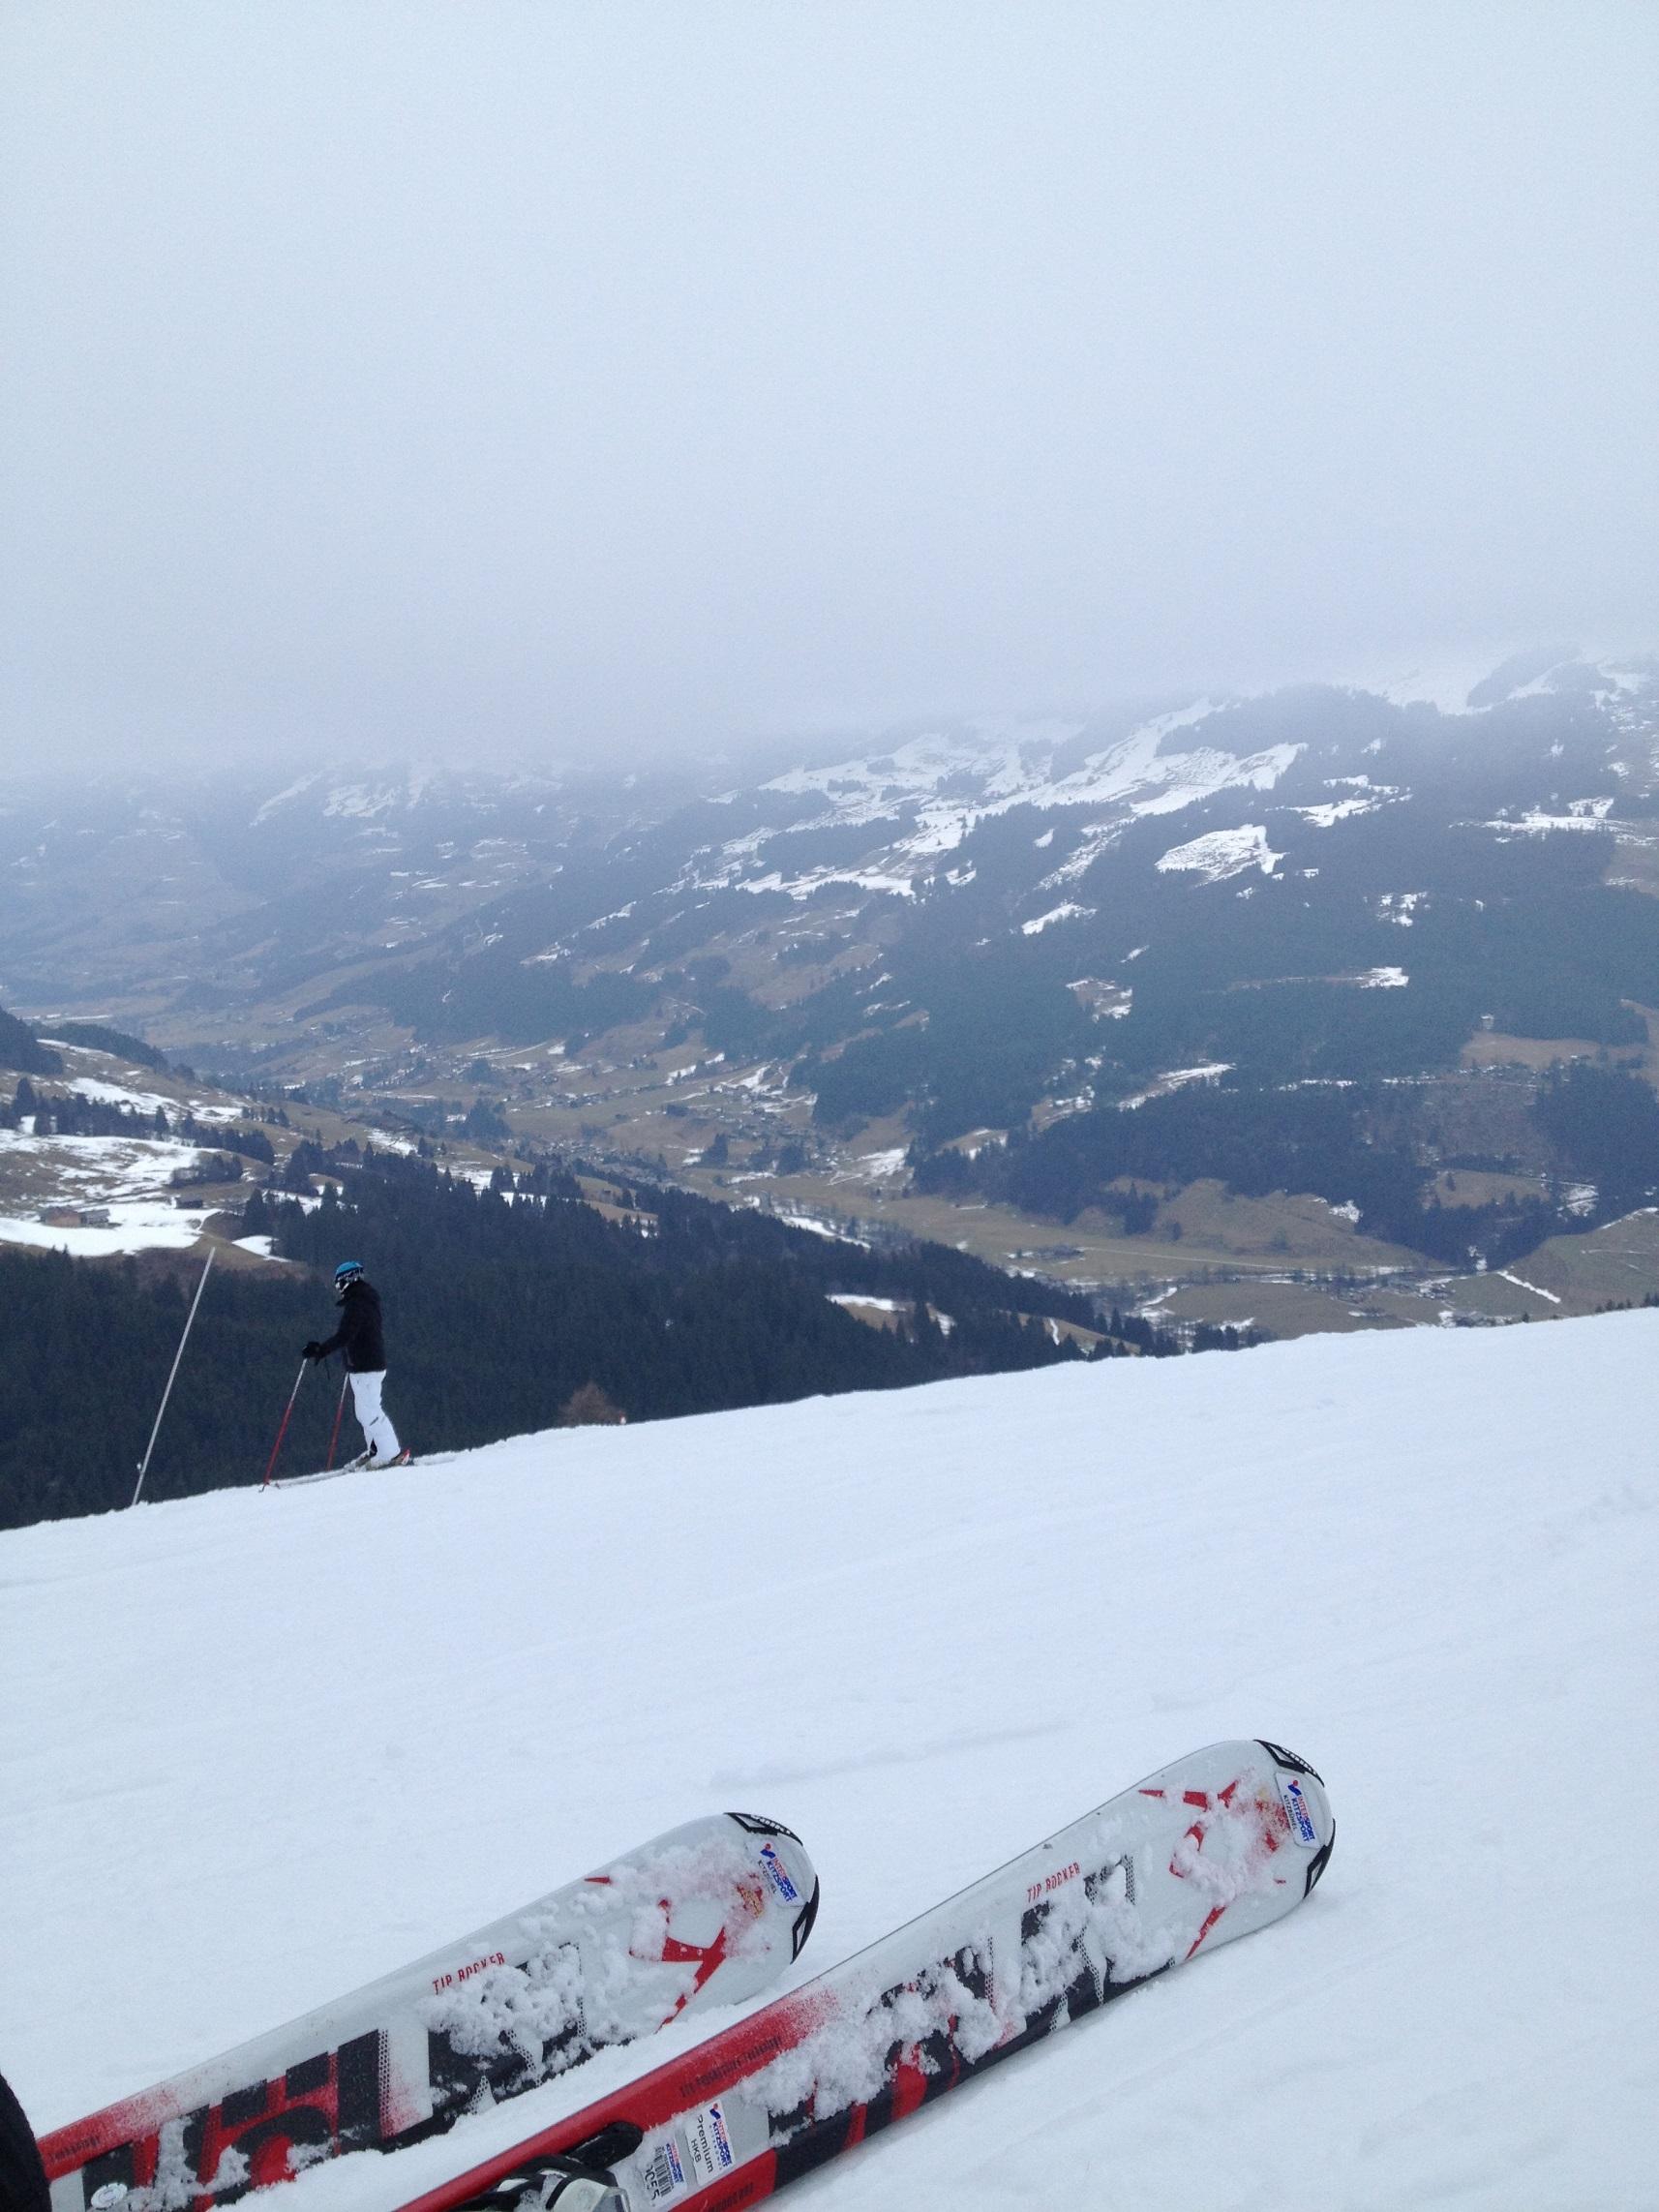 Sicherheit in skigebieten wertvolle tipps für skifahrer journal